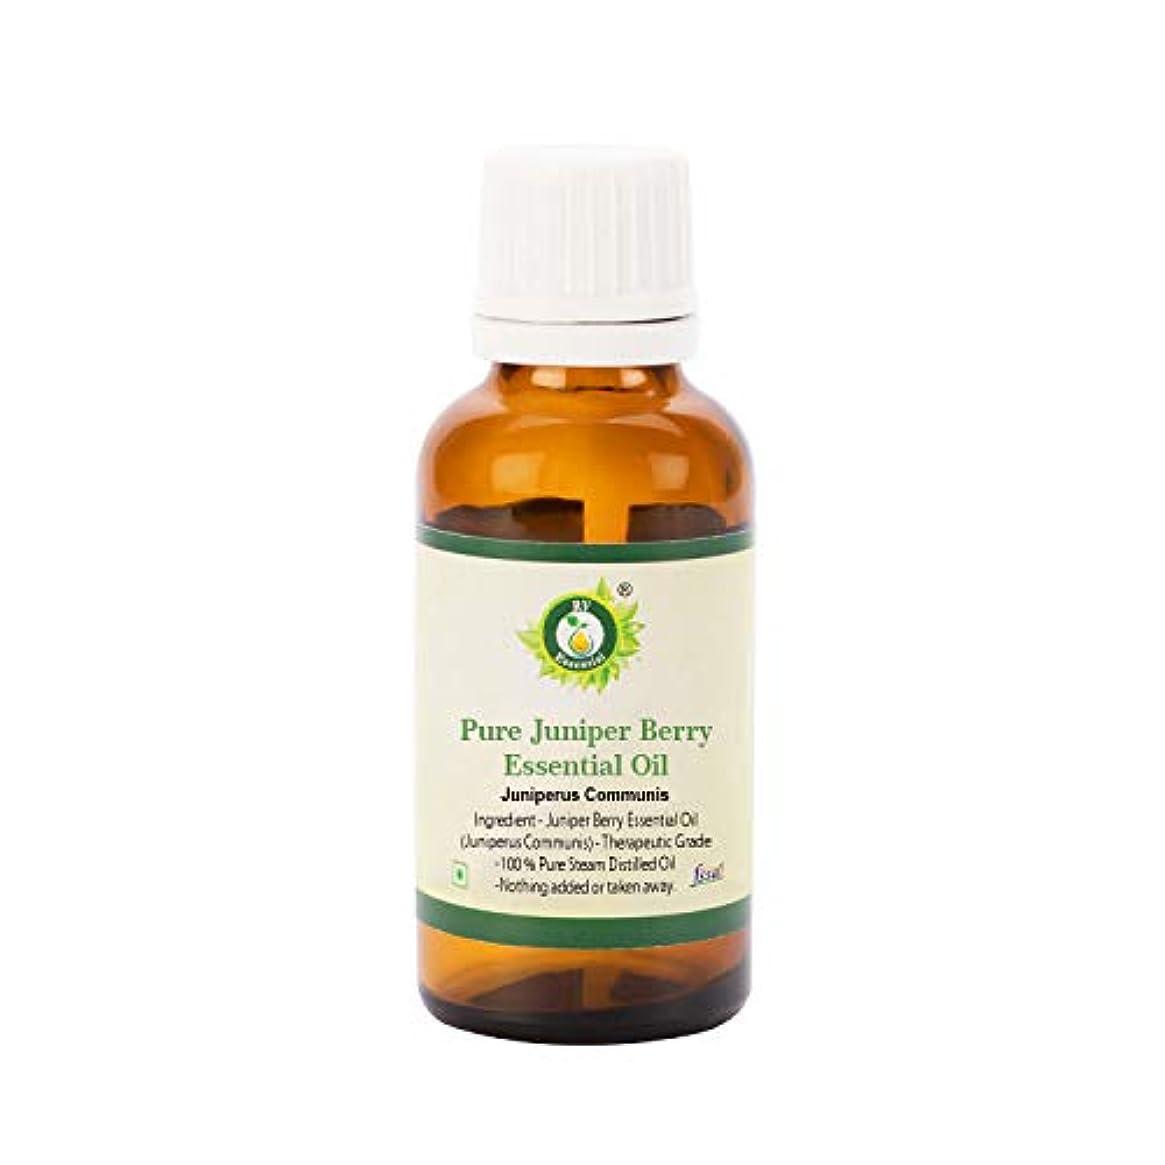 飾り羽店員少しR V Essential ピュアジュニパーベリーエッセンシャルオイル100ml (3.38oz)- Juniperus Communis (100%純粋&天然スチームDistilled) Pure Juniper Berry...